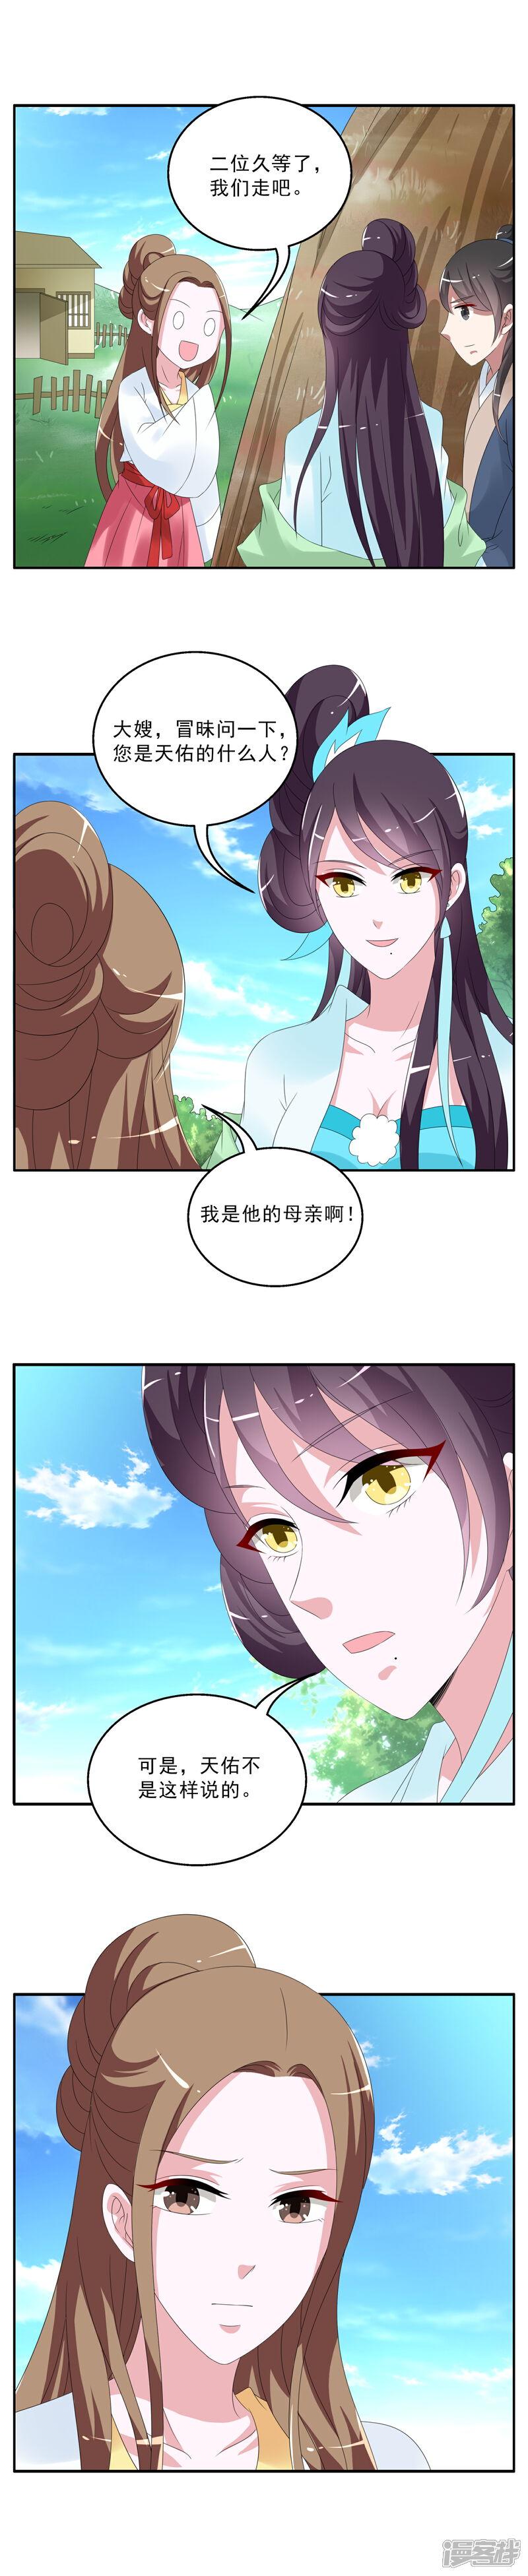 洛小妖146 (7).JPG